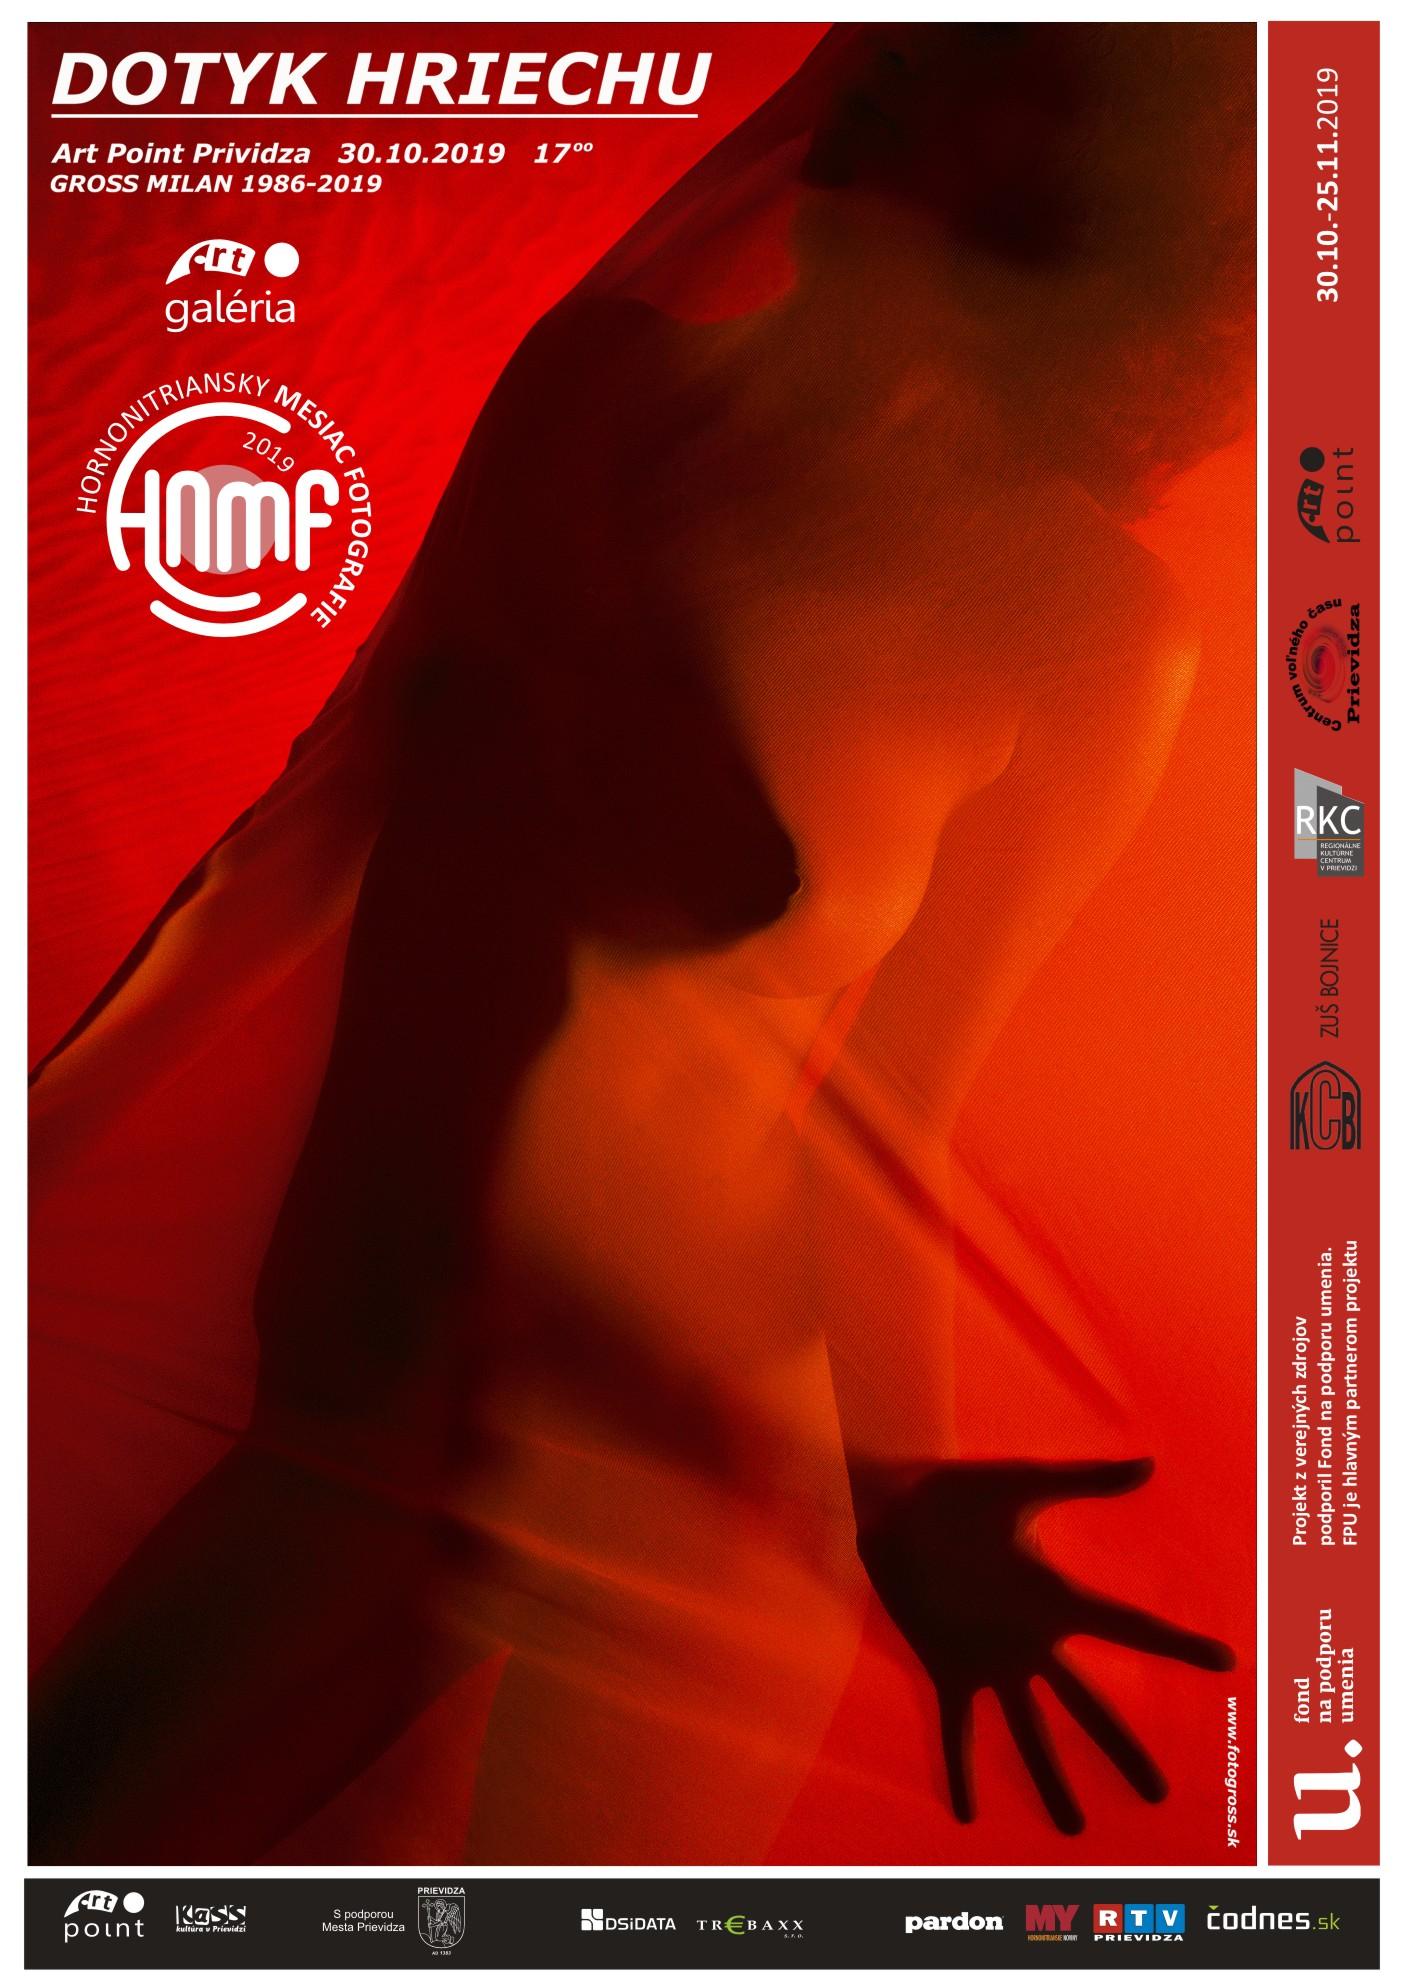 Dotyk hriechu - Milan Gross - HNmF2019